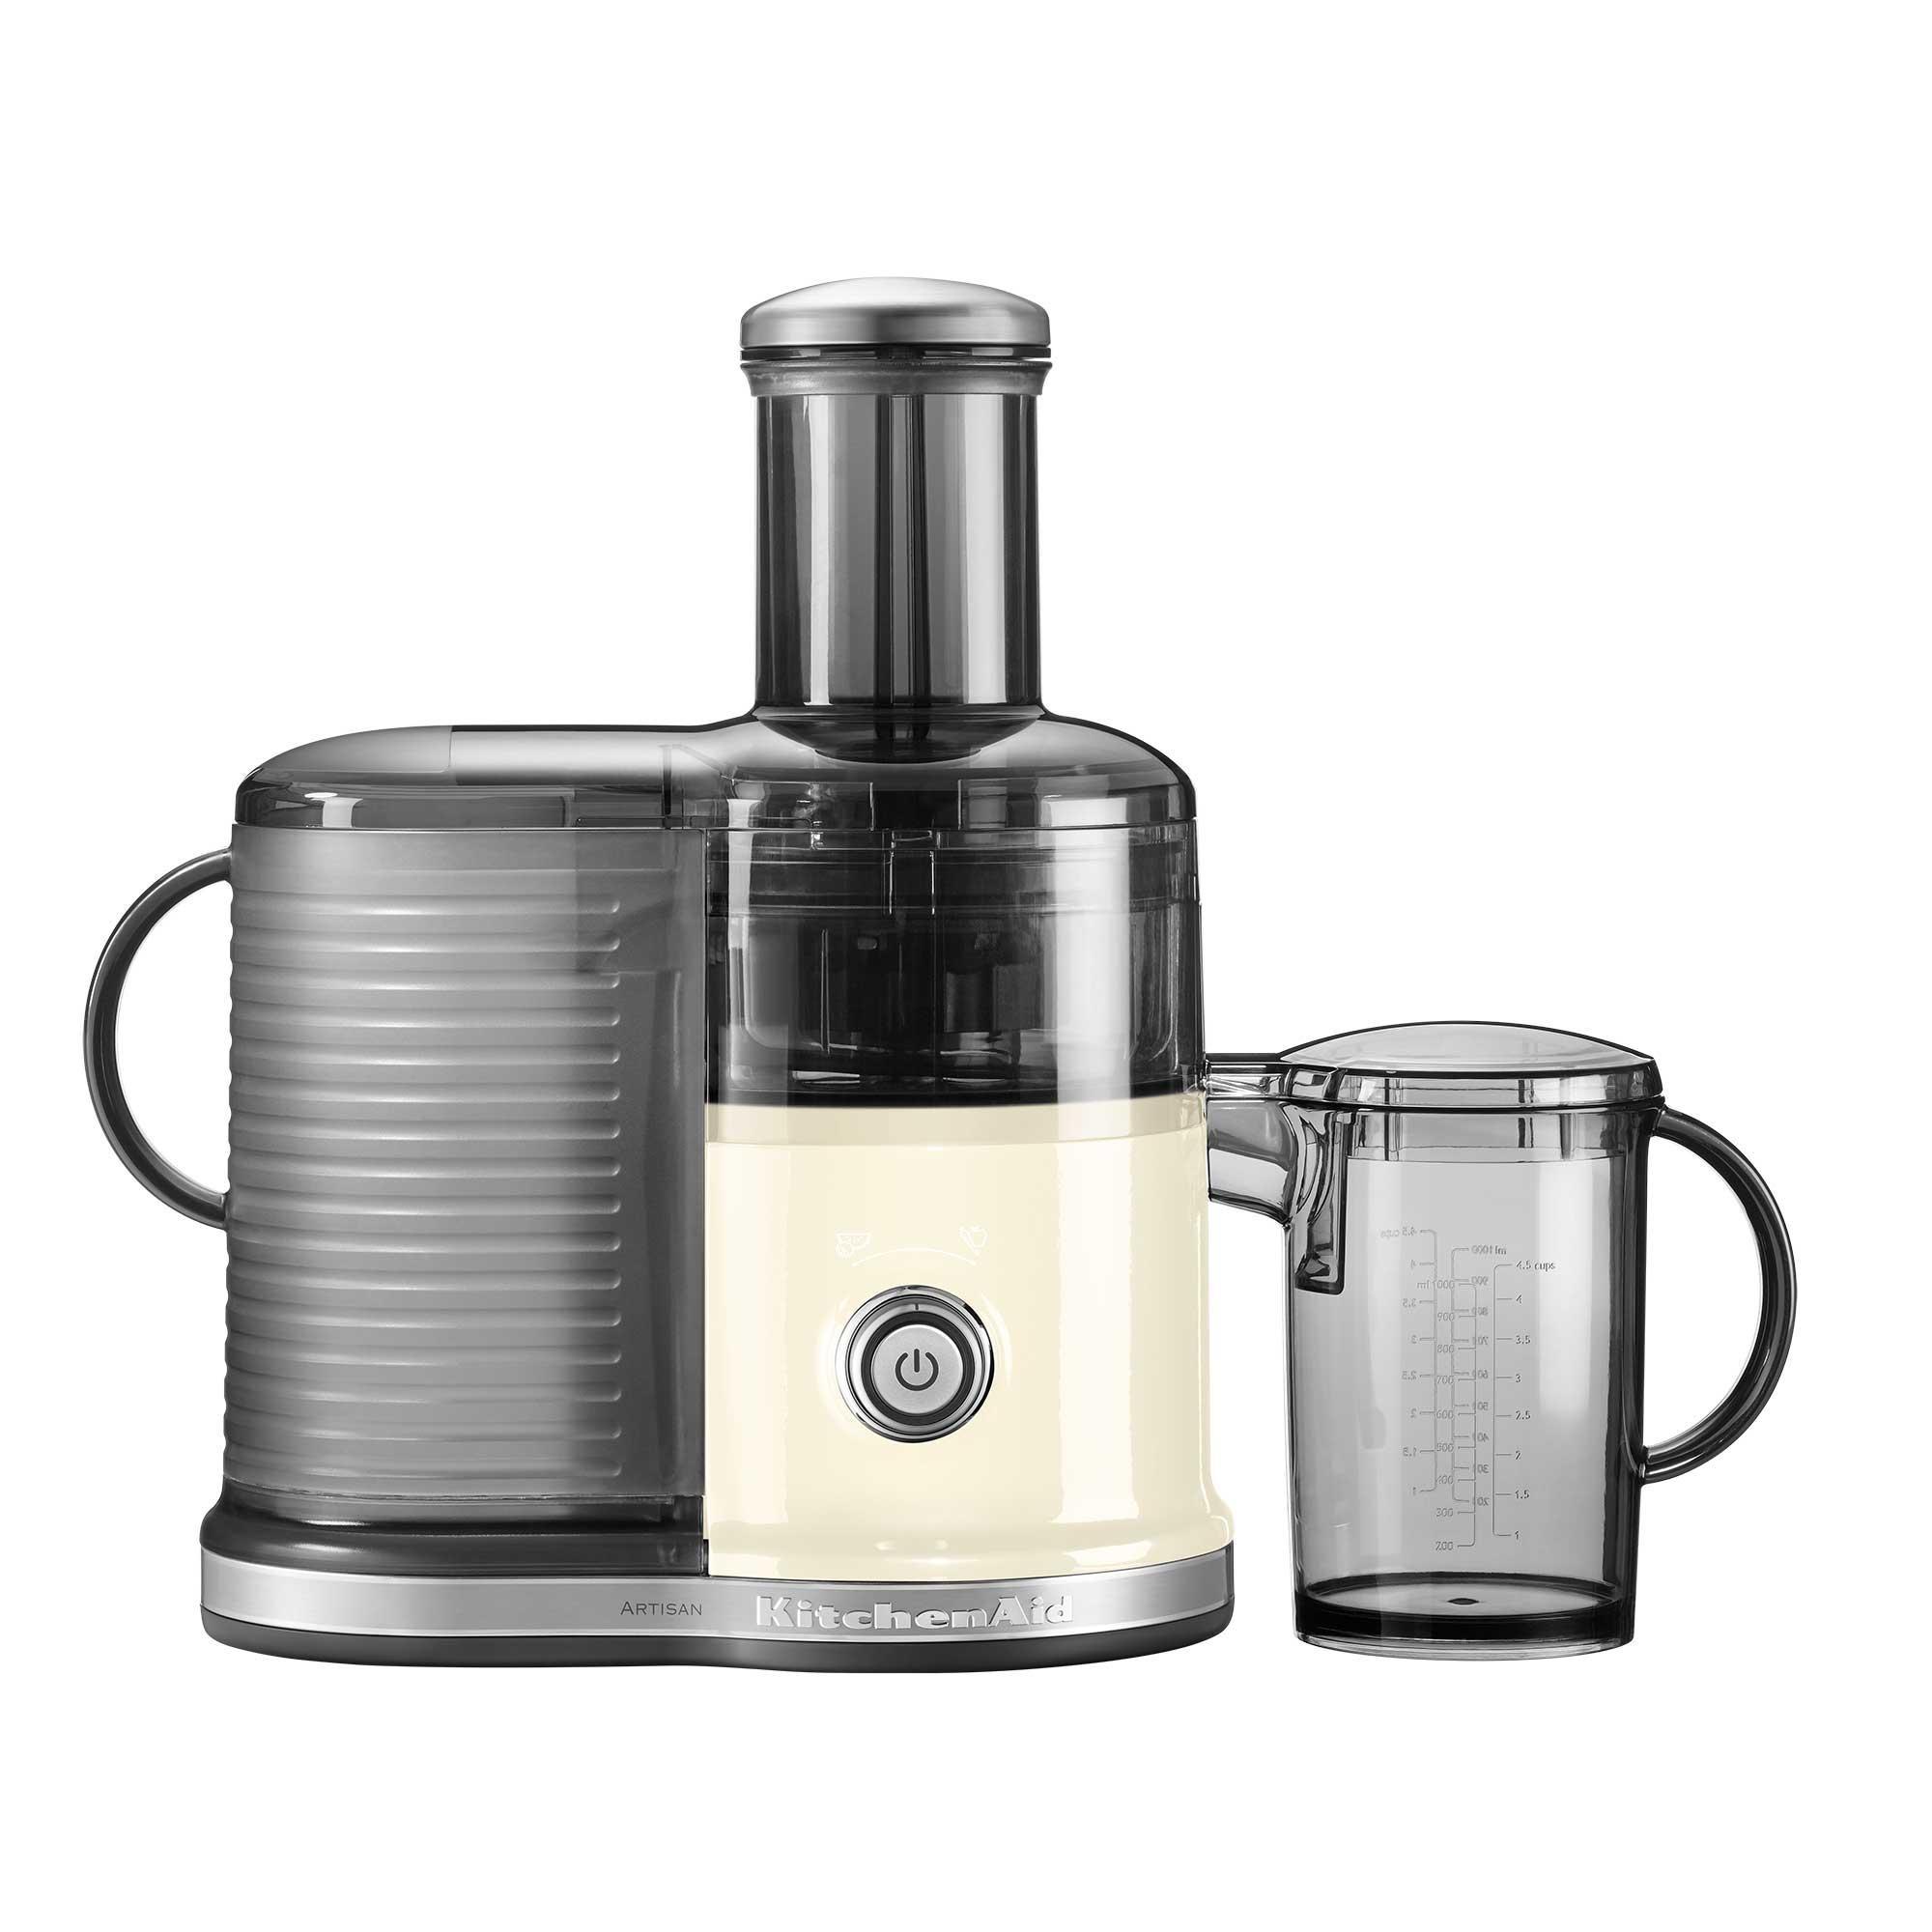 KitchenAid - Artisan 5KVJ0332 Zentrifugal Entsafter - creme | Küche und Esszimmer > Küchengeräte > Entsafter | Creme | Metall| plastik bpa frei | KitchenAid